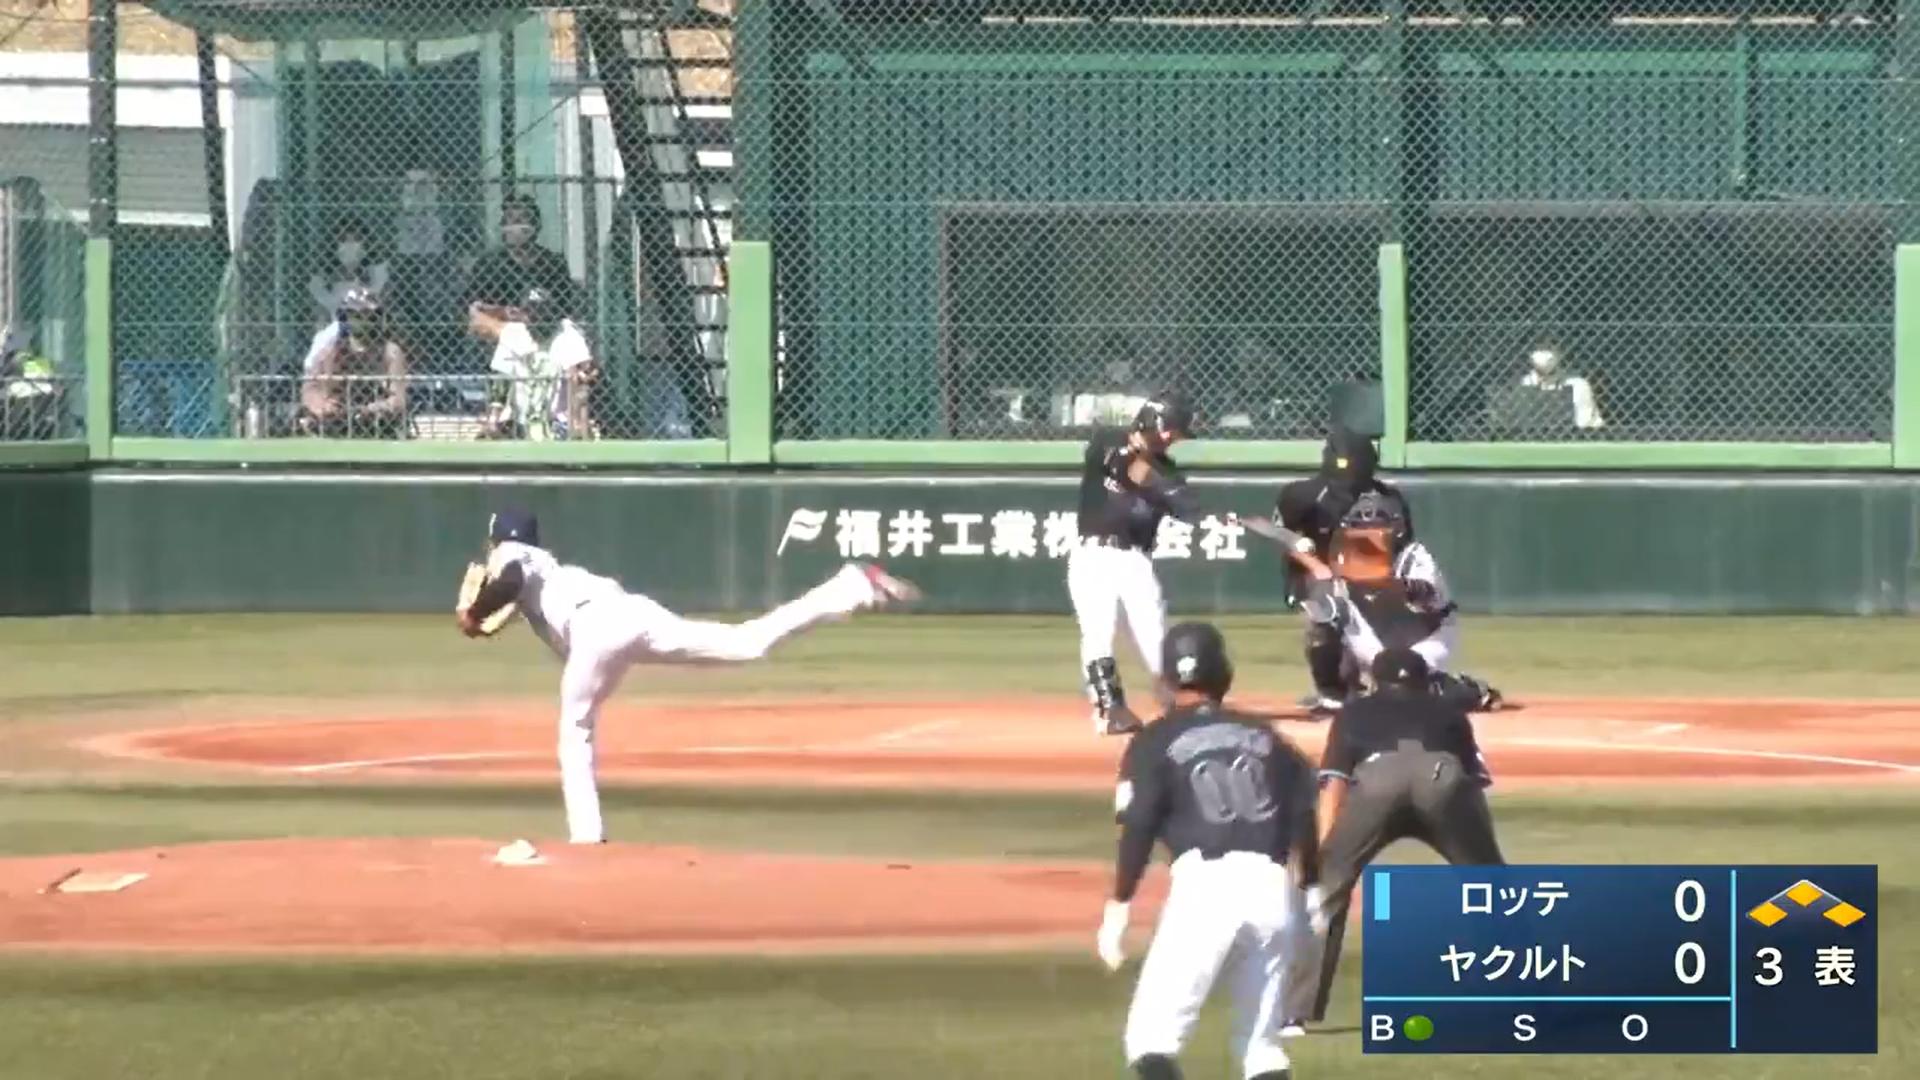 【イースタン・リーグ】ロッテ・菅野剛士選手の先制2点タイムリーヒット!